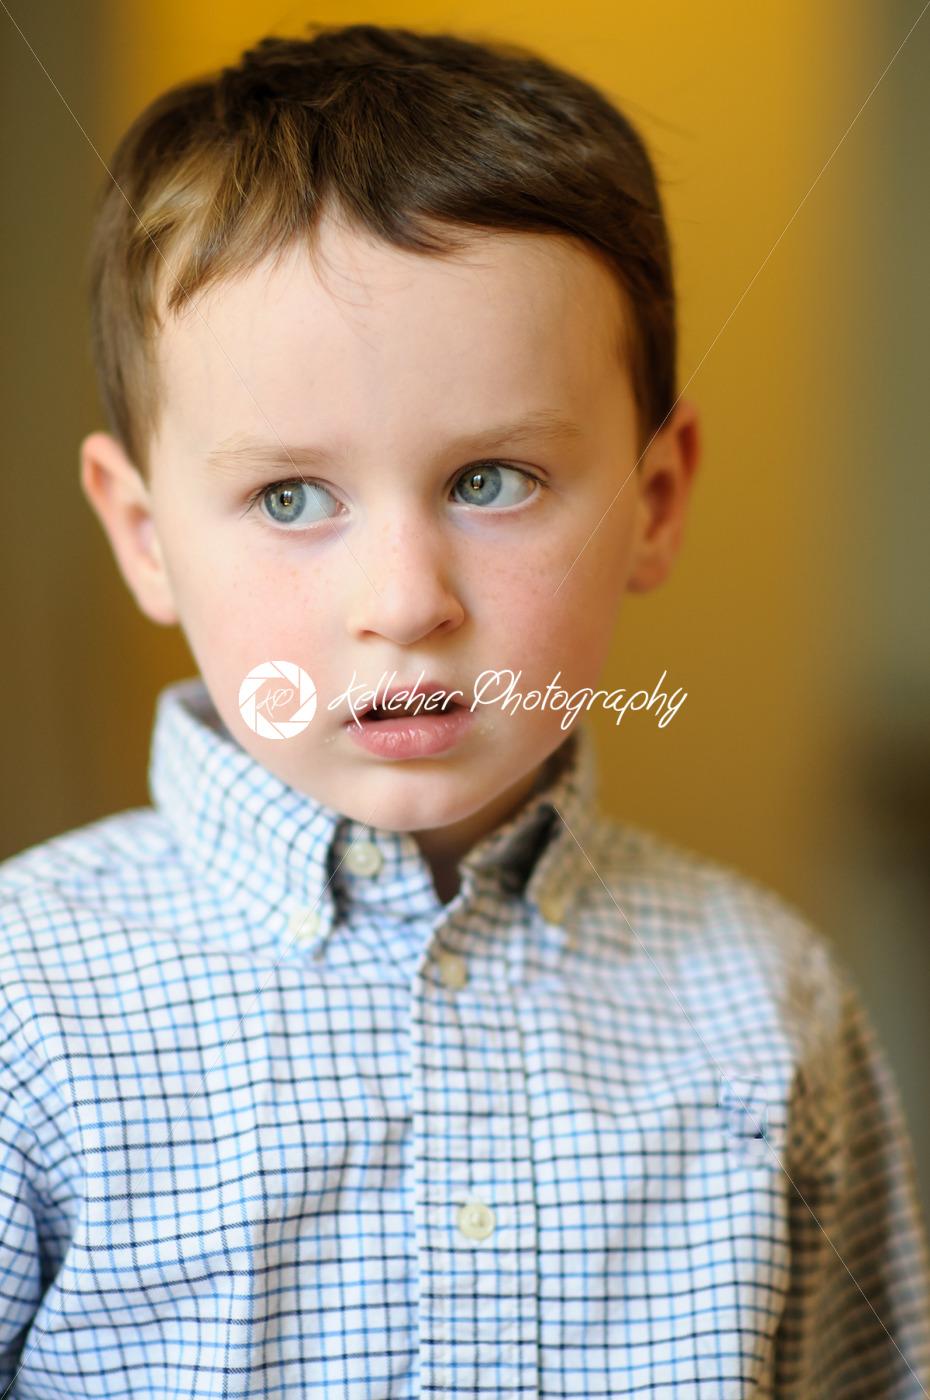 Portrait of a cute little boy inside - Kelleher Photography Store